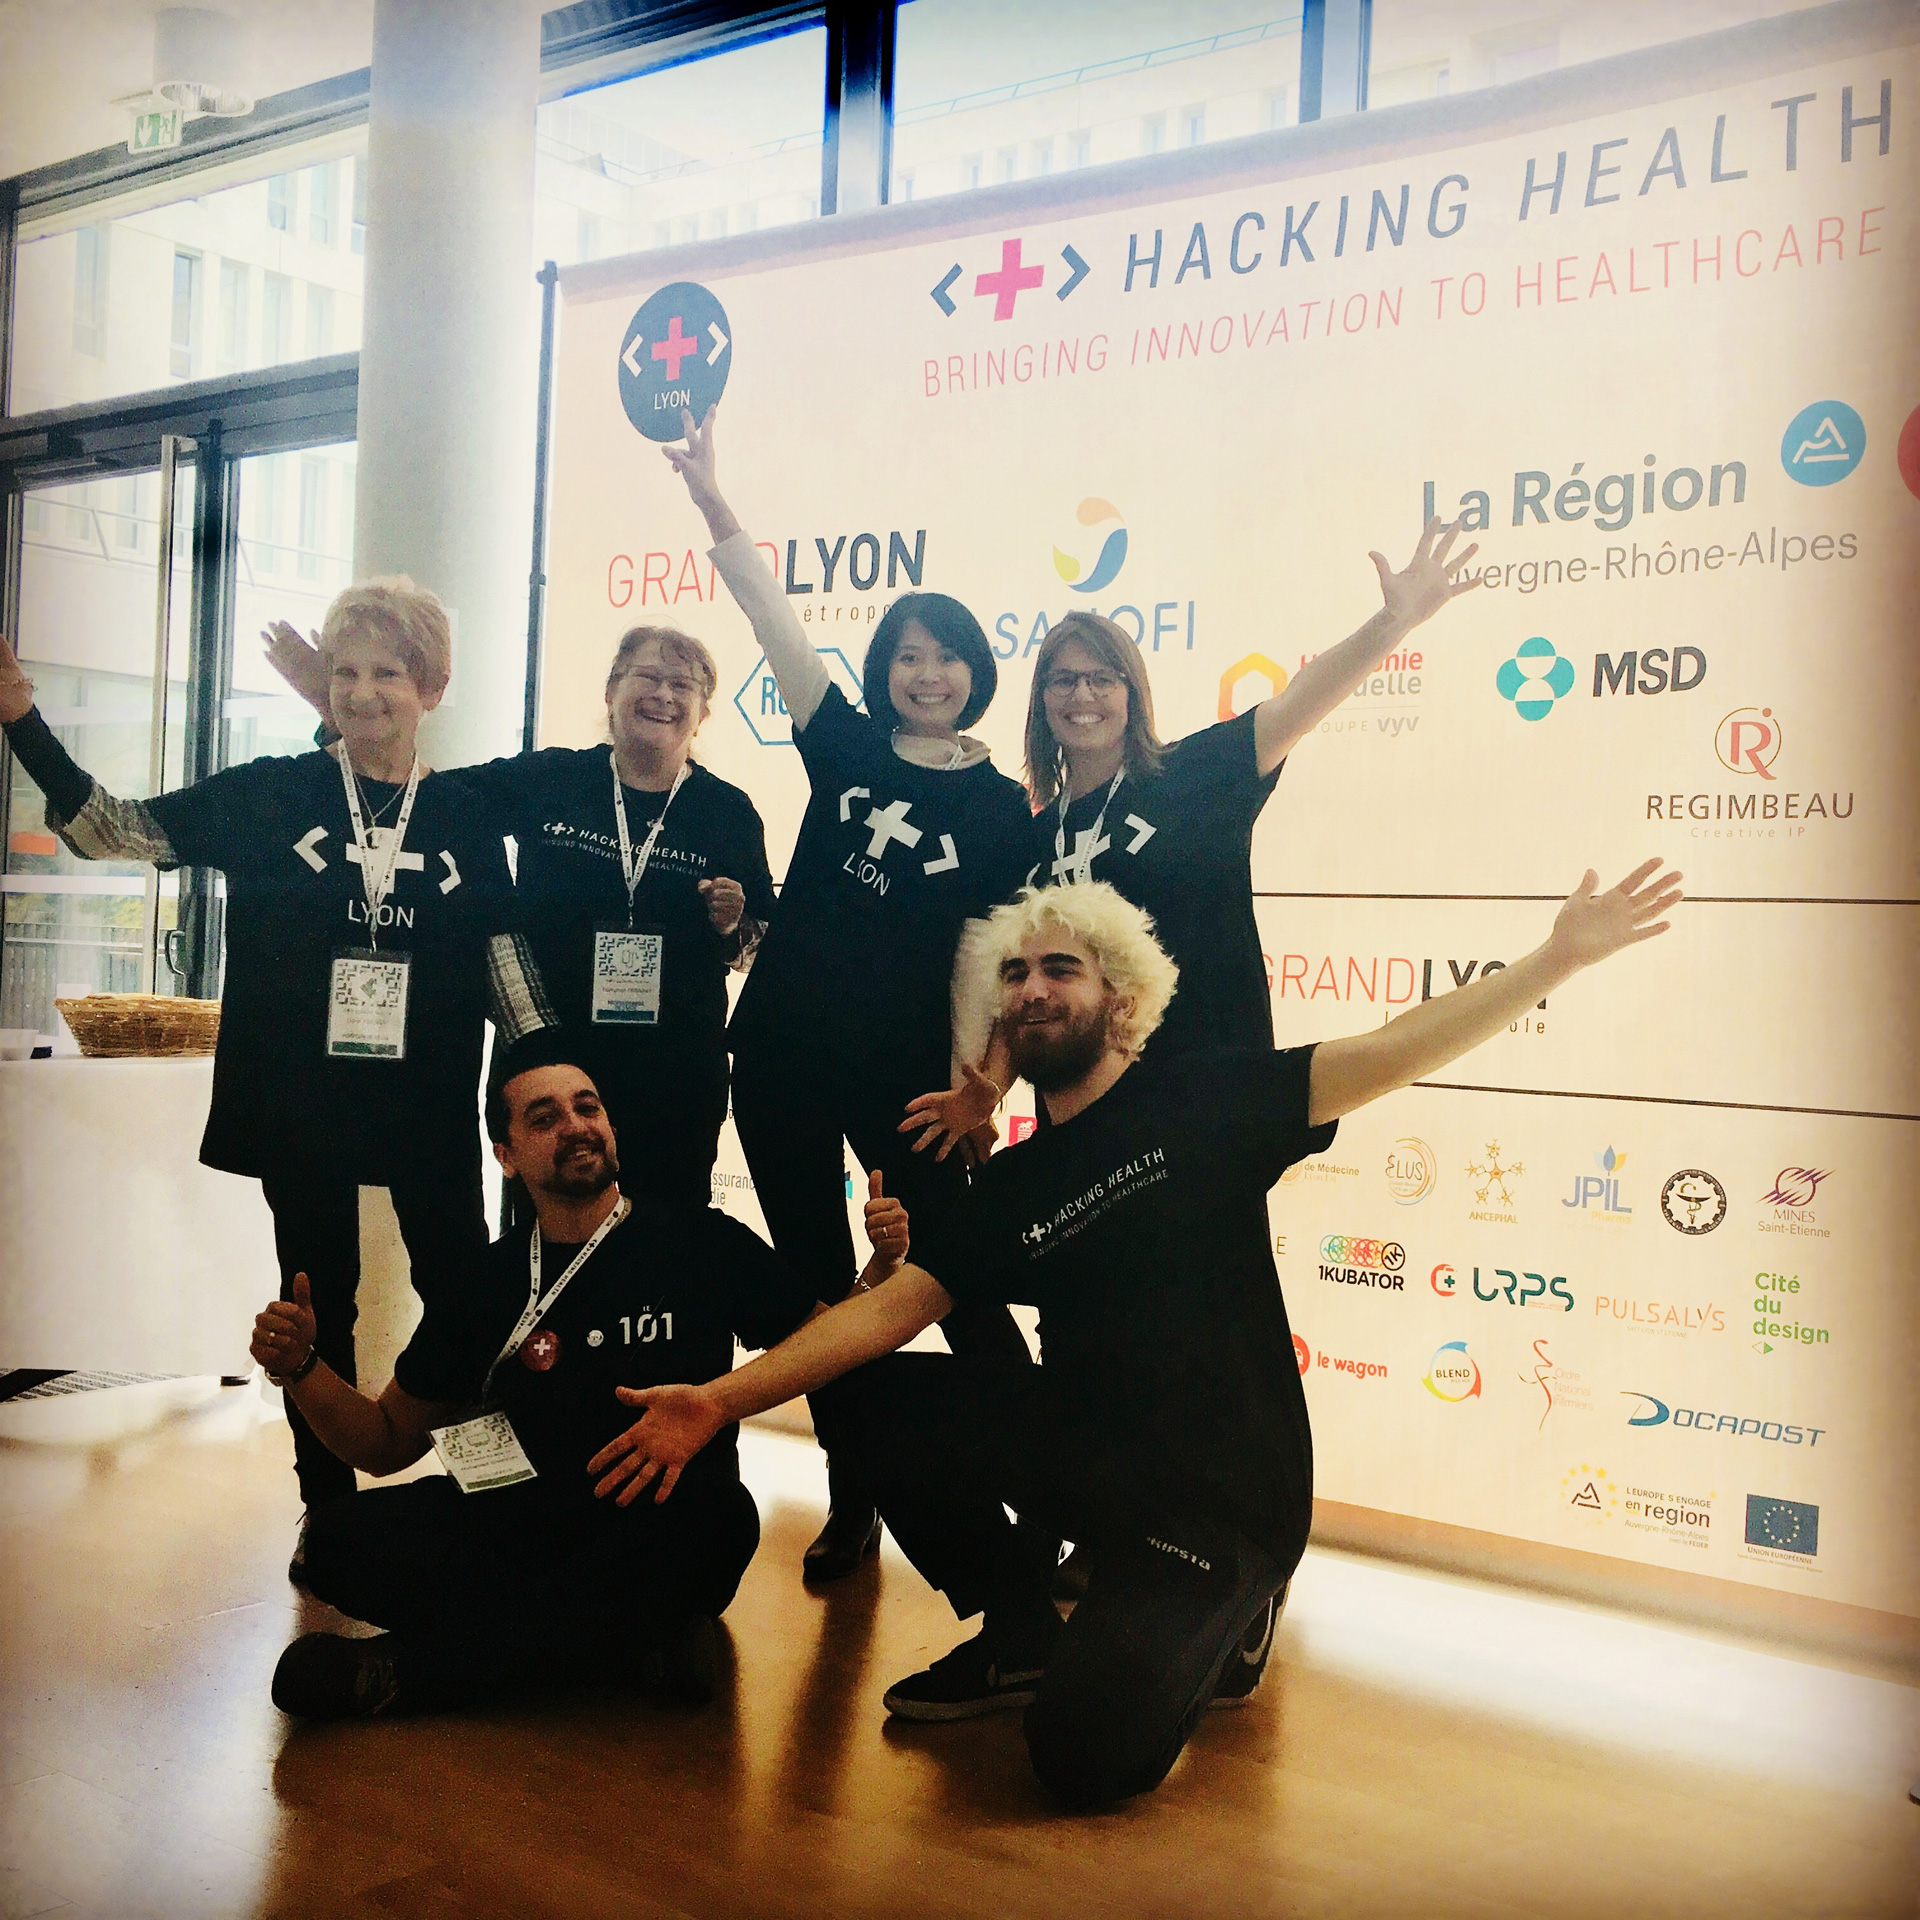 IAS du Lyonnais A participé au Hacking Health